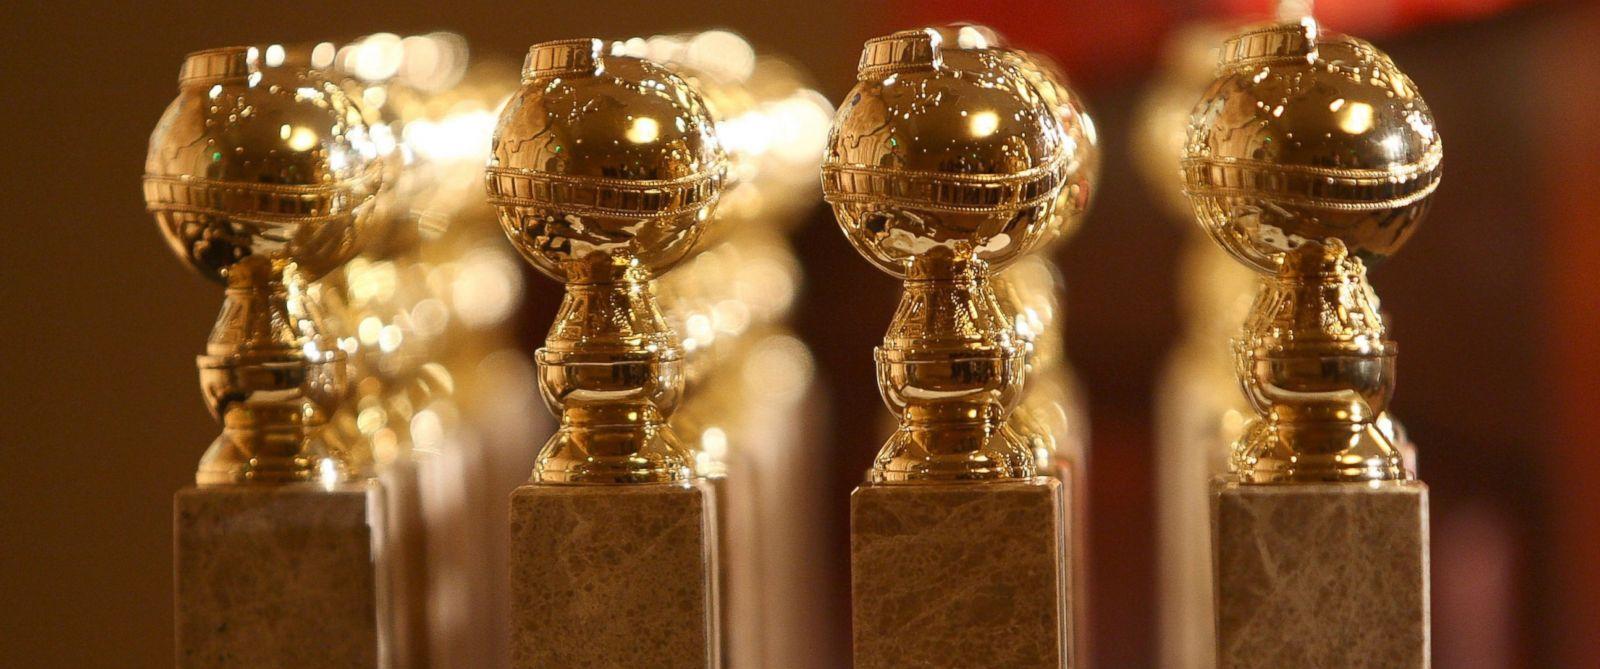 Image result for 2017 golden globes